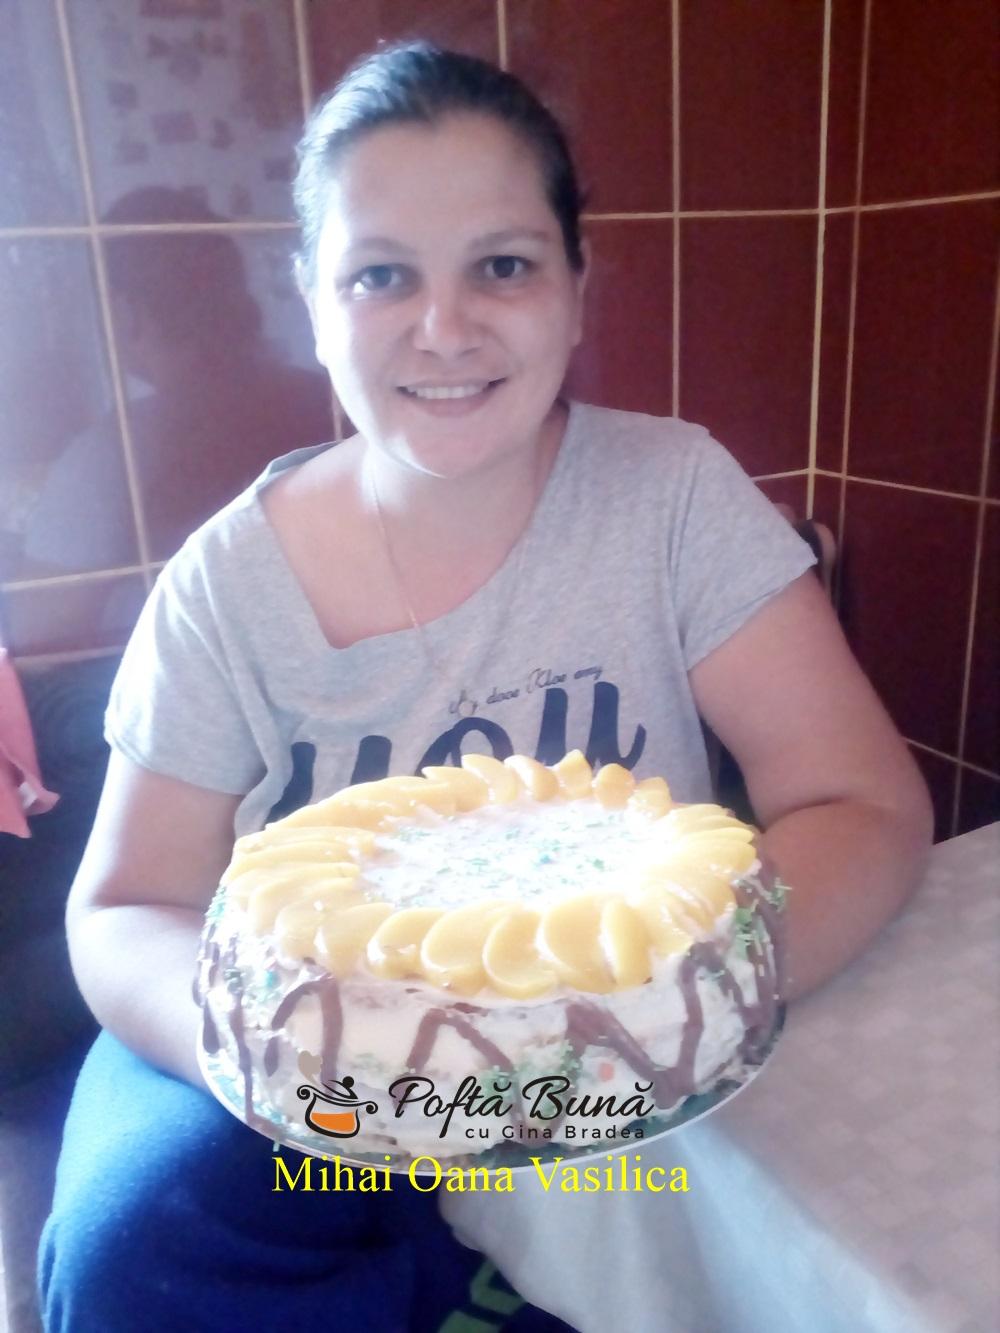 tort cu fructe reteta simpla rapida3 - Tort cu fructe si crema de vanilie, reteta simpla, de familie